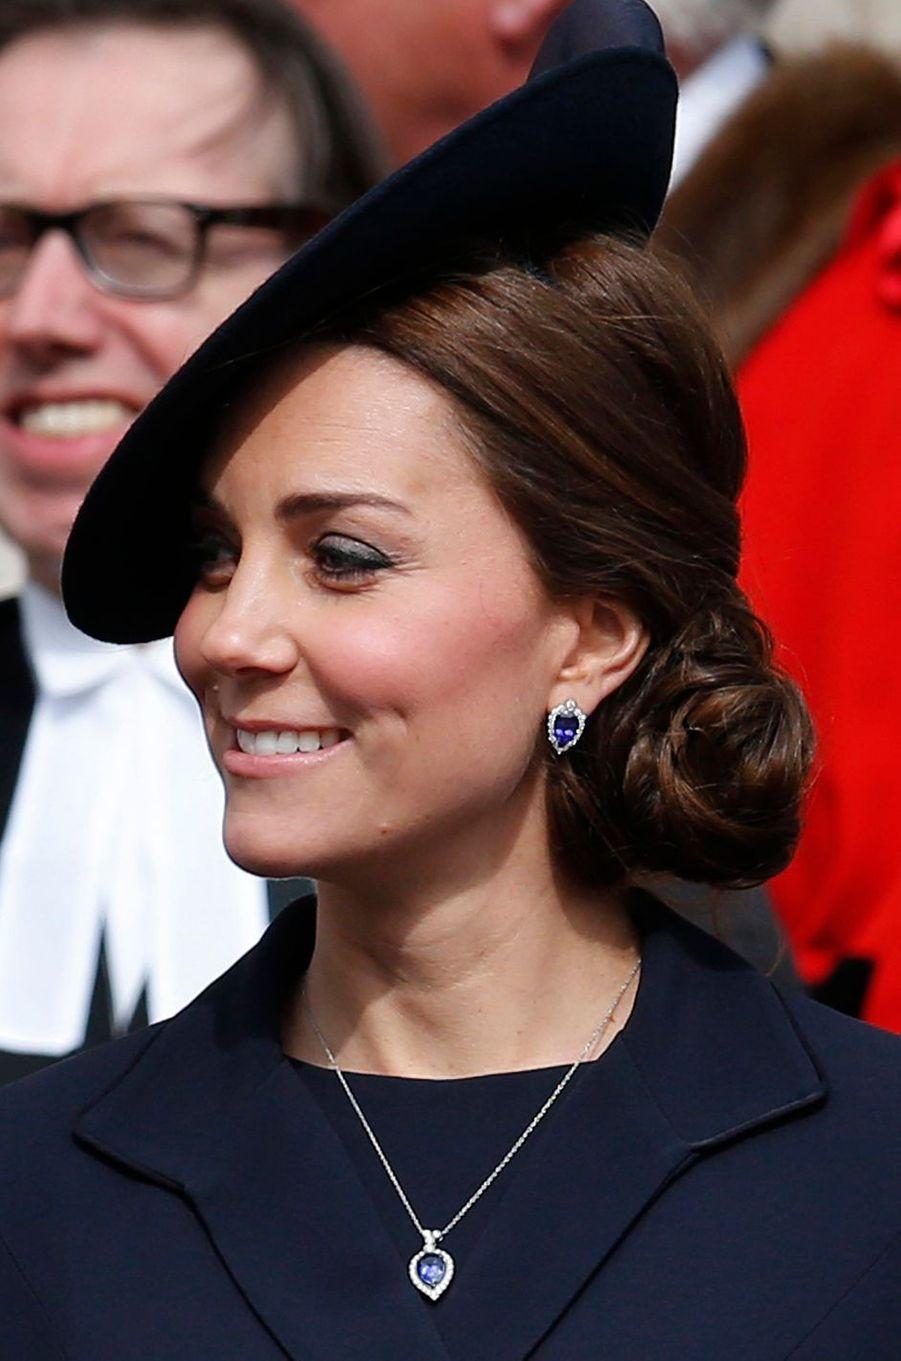 La duchesse Catherine de Cambridge porte un pendentif G Collins & Sons et des boucles d'oreille assorties, le 13 mars 2015